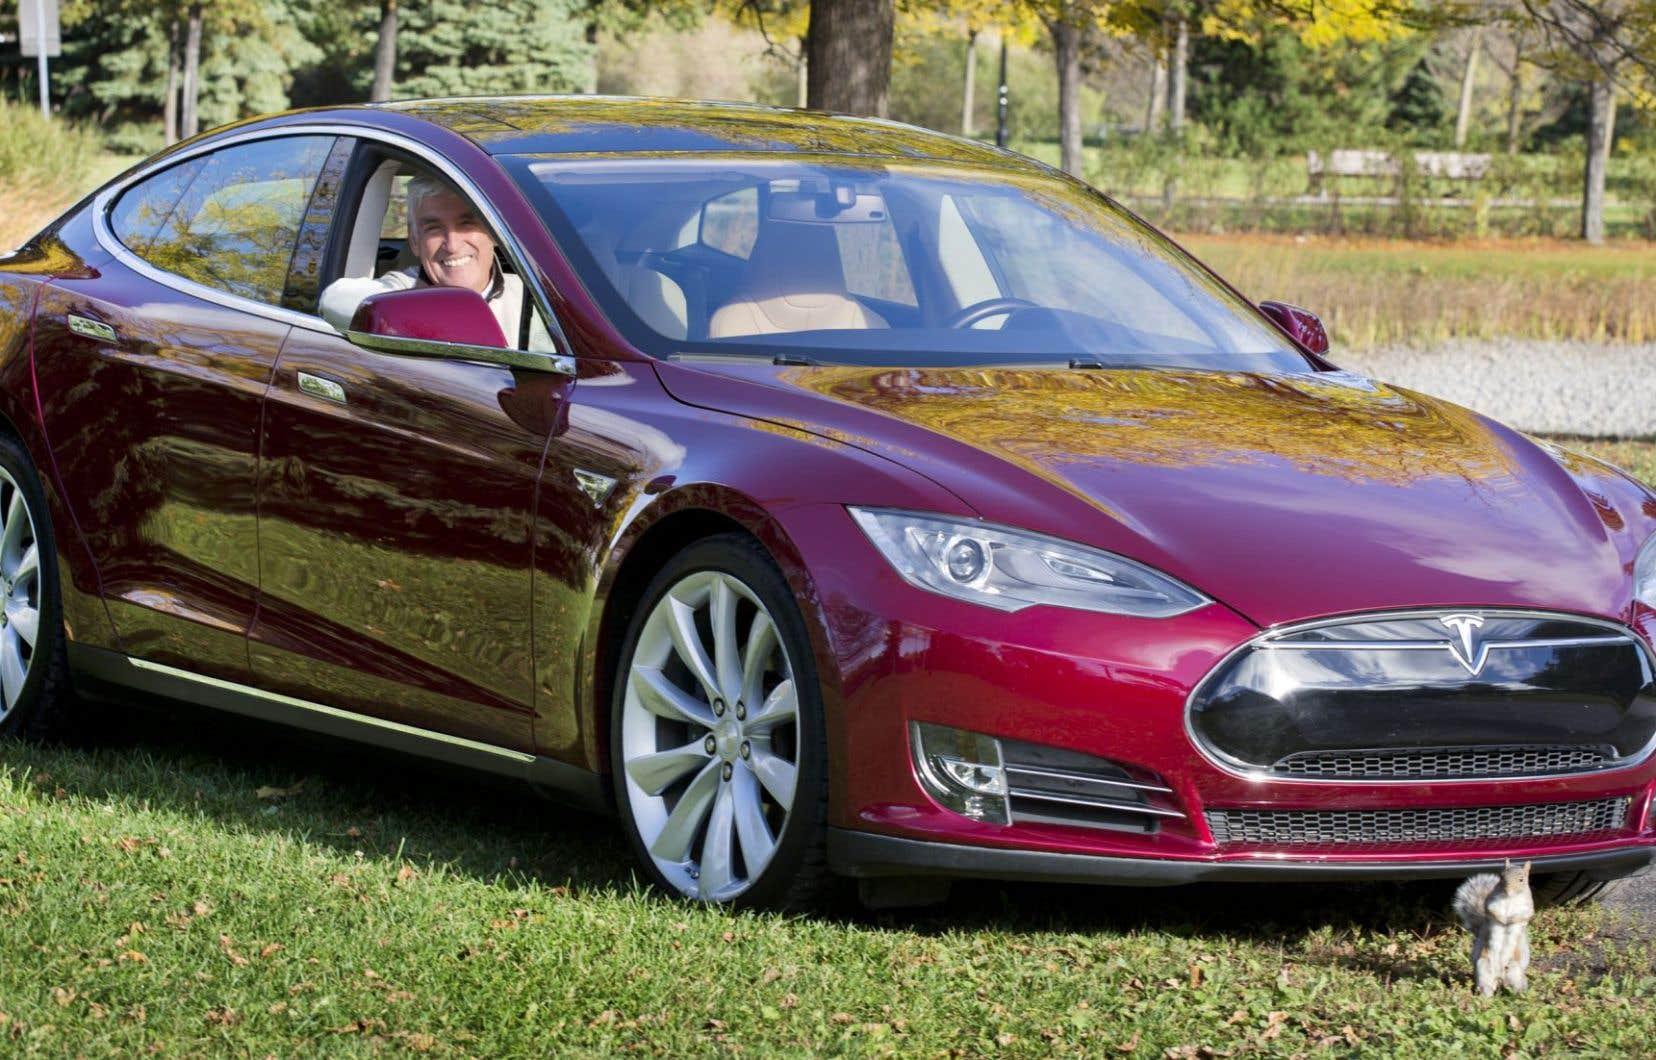 Raymond Brodeur travaille actuellement à un projet de bornes de recharge ultrarapides, pour charger une batterie automobile en moins de 15 minutes.